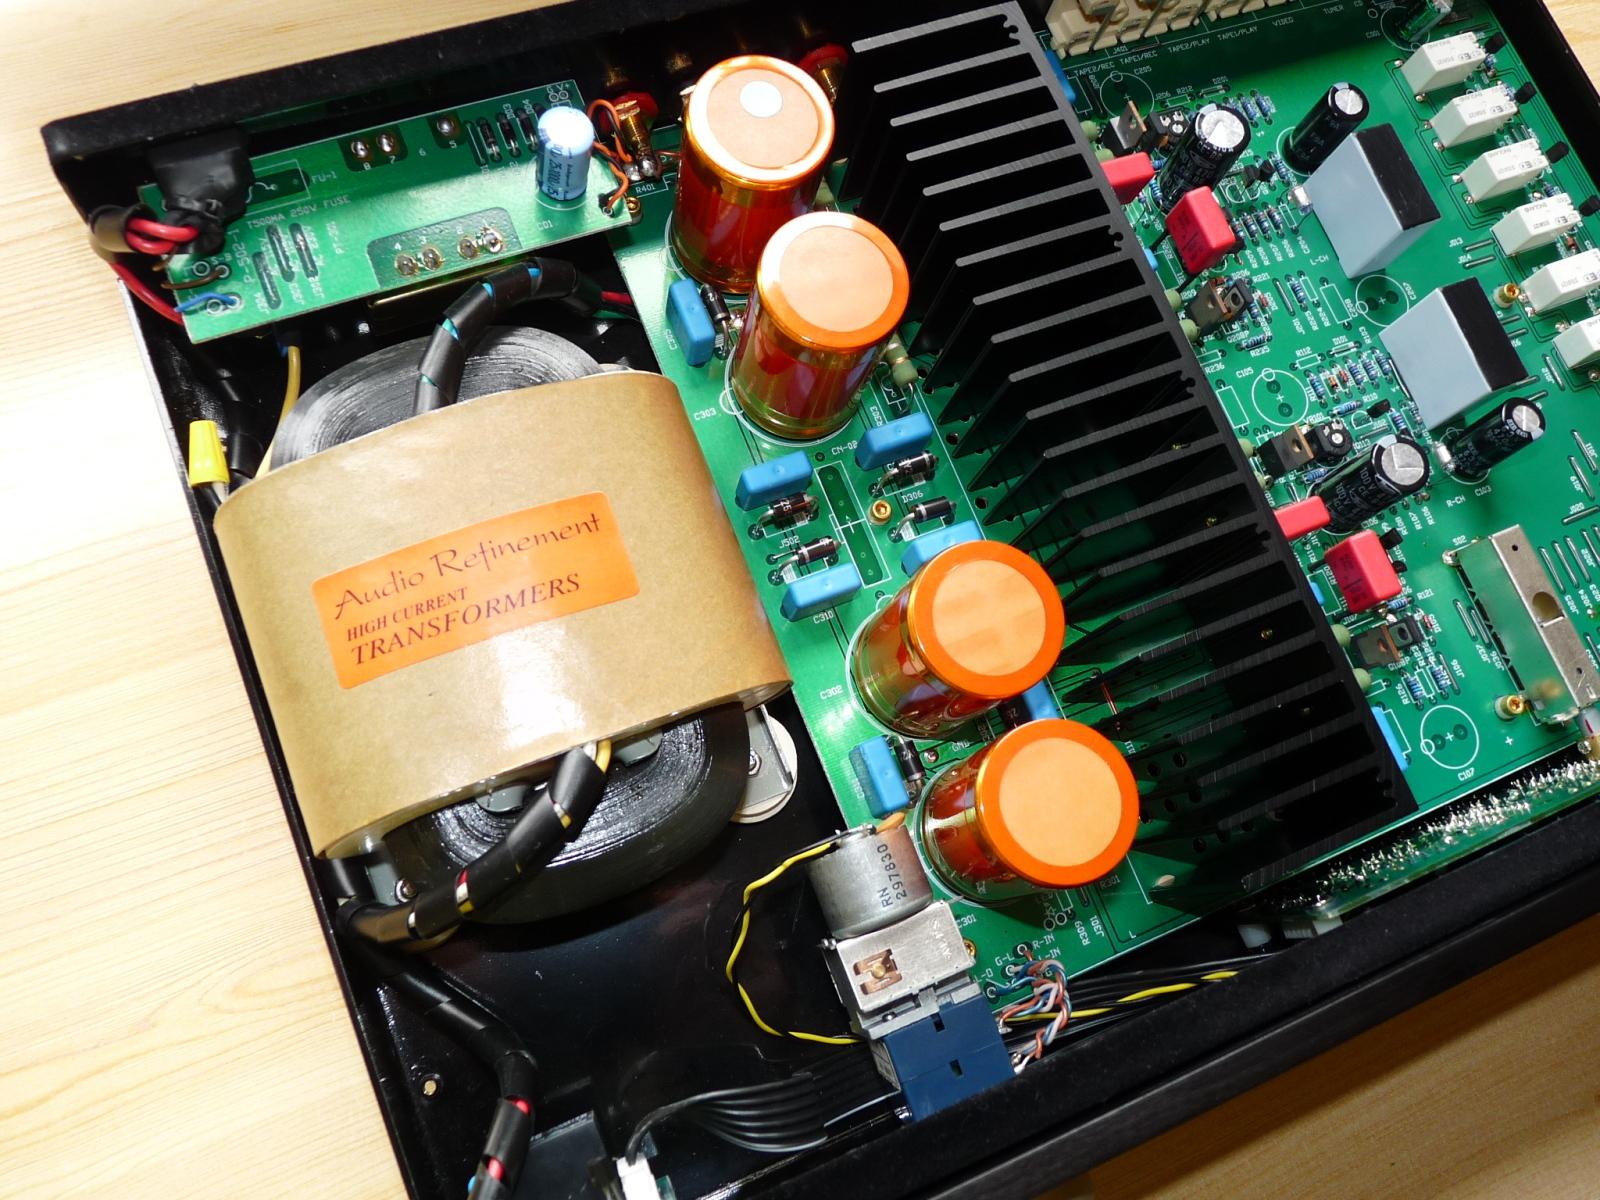 ¿Cuál es tu amplificador? - Página 3 219xtuh